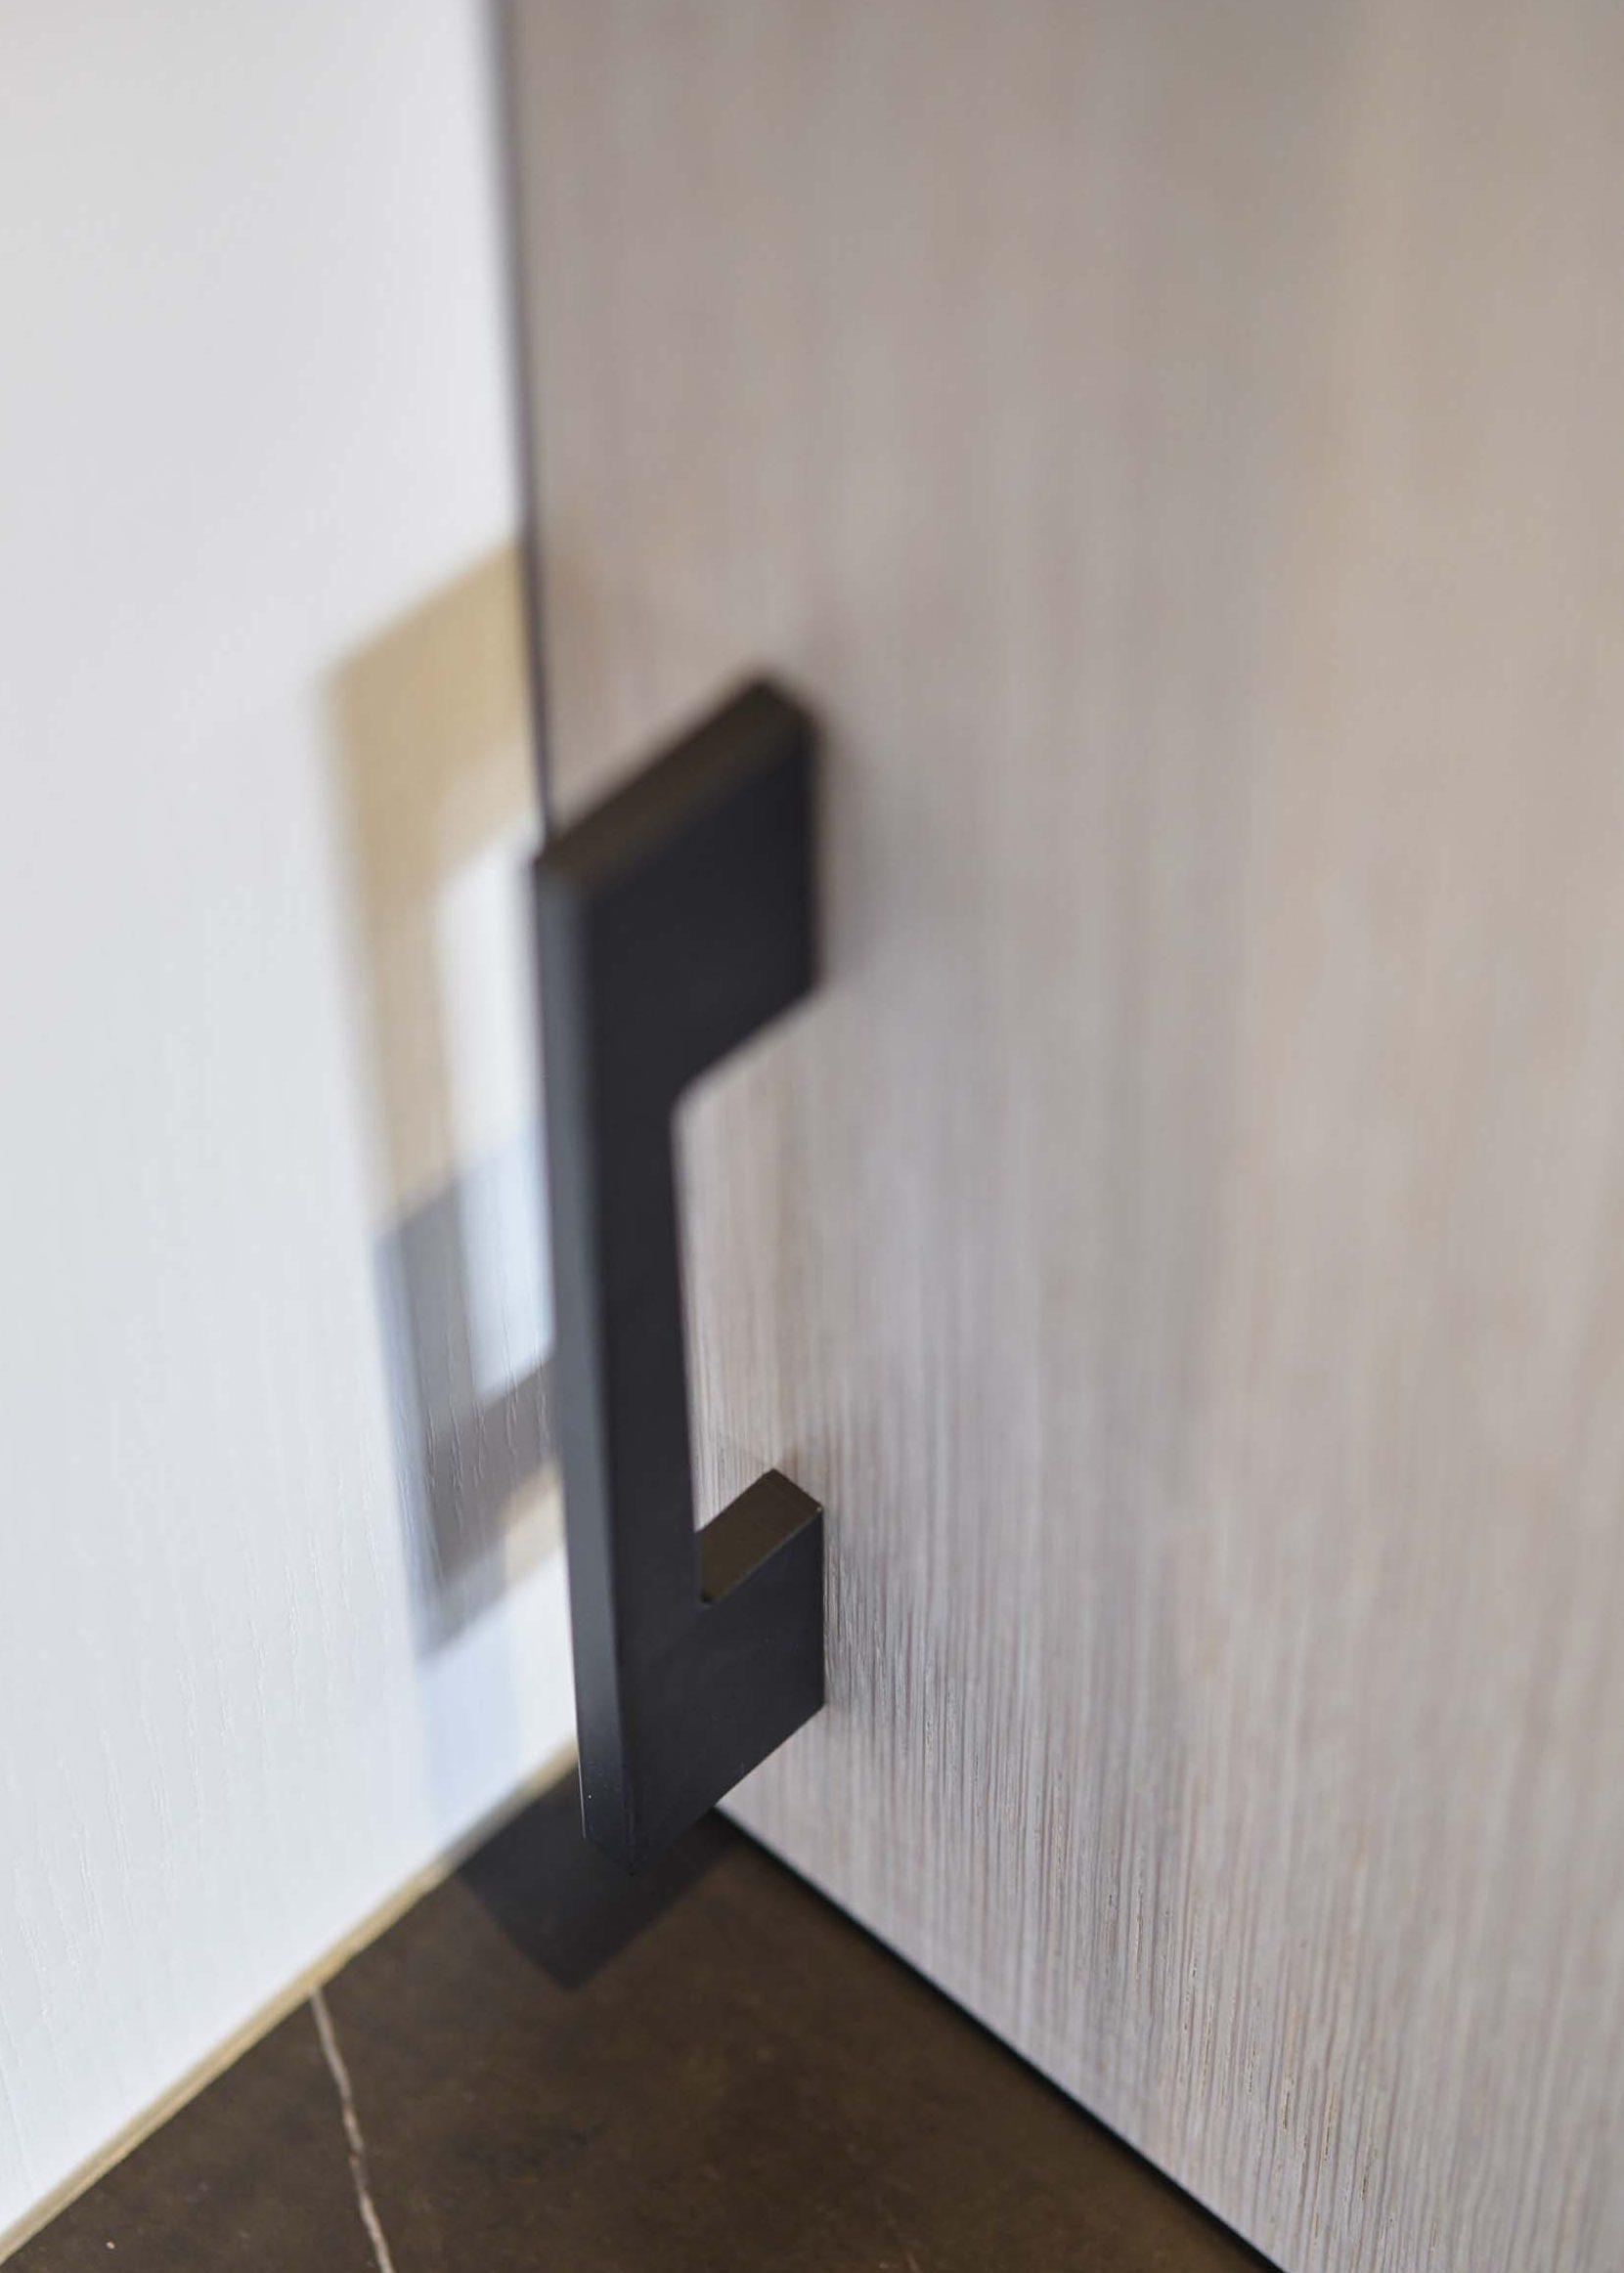 Vanda-projects-interieurinrichting-meubelmakerij-oost-vlaanderen-riem-kasthendel